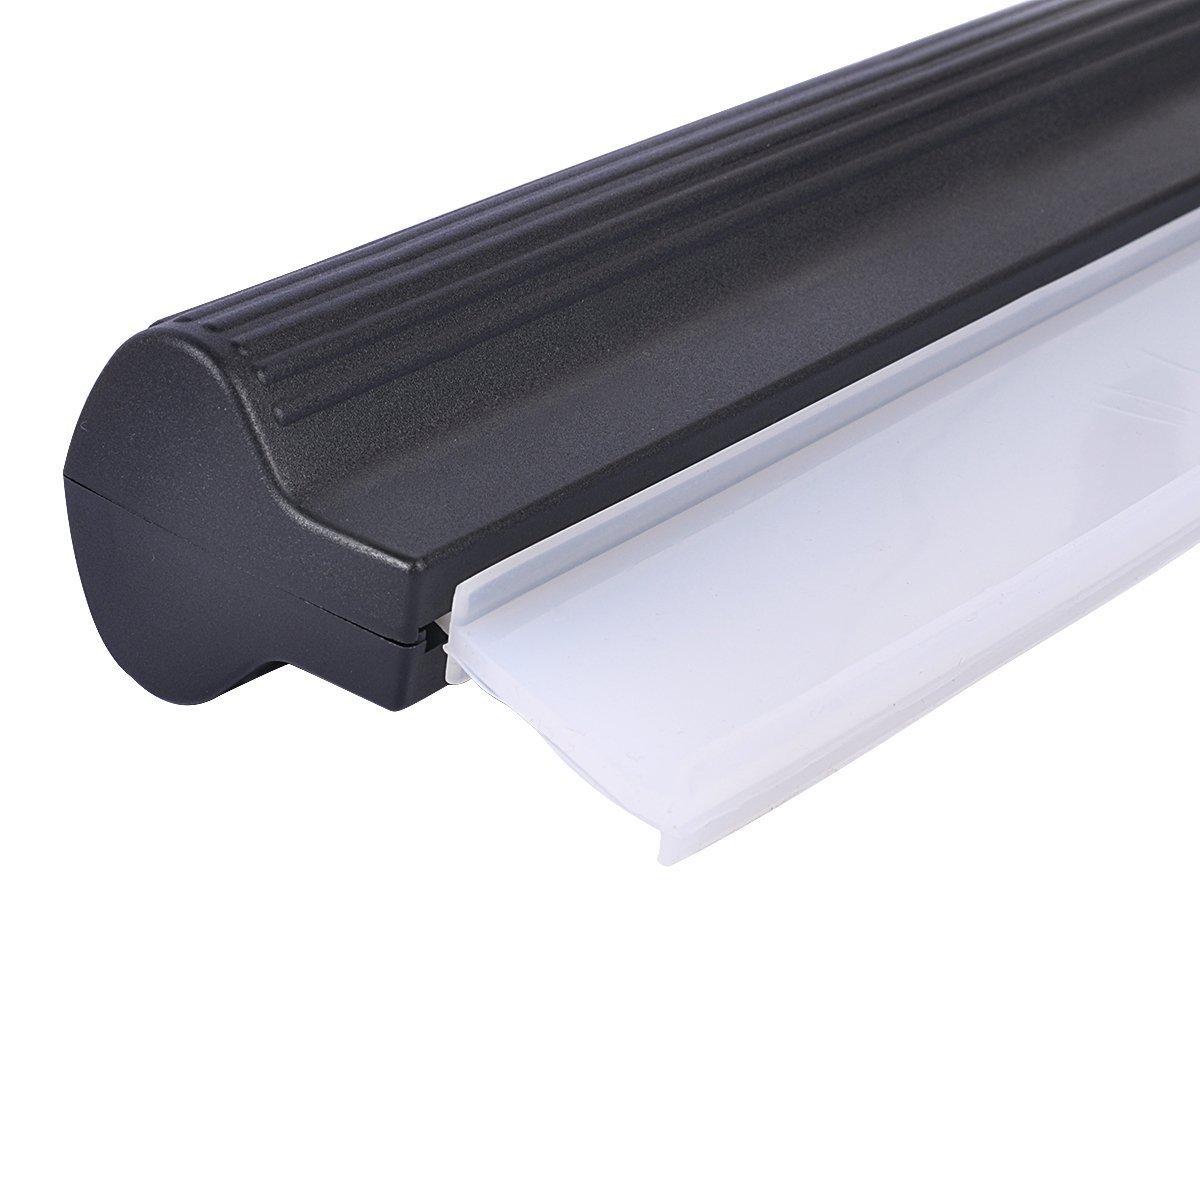 Limpiaparabrisas AutoEC, limpiaparabrisas de silicona, limpiaparabrisas de ventana, limpiaparabrisas, rascadores de hielo y nieve: Amazon.es: Coche y moto